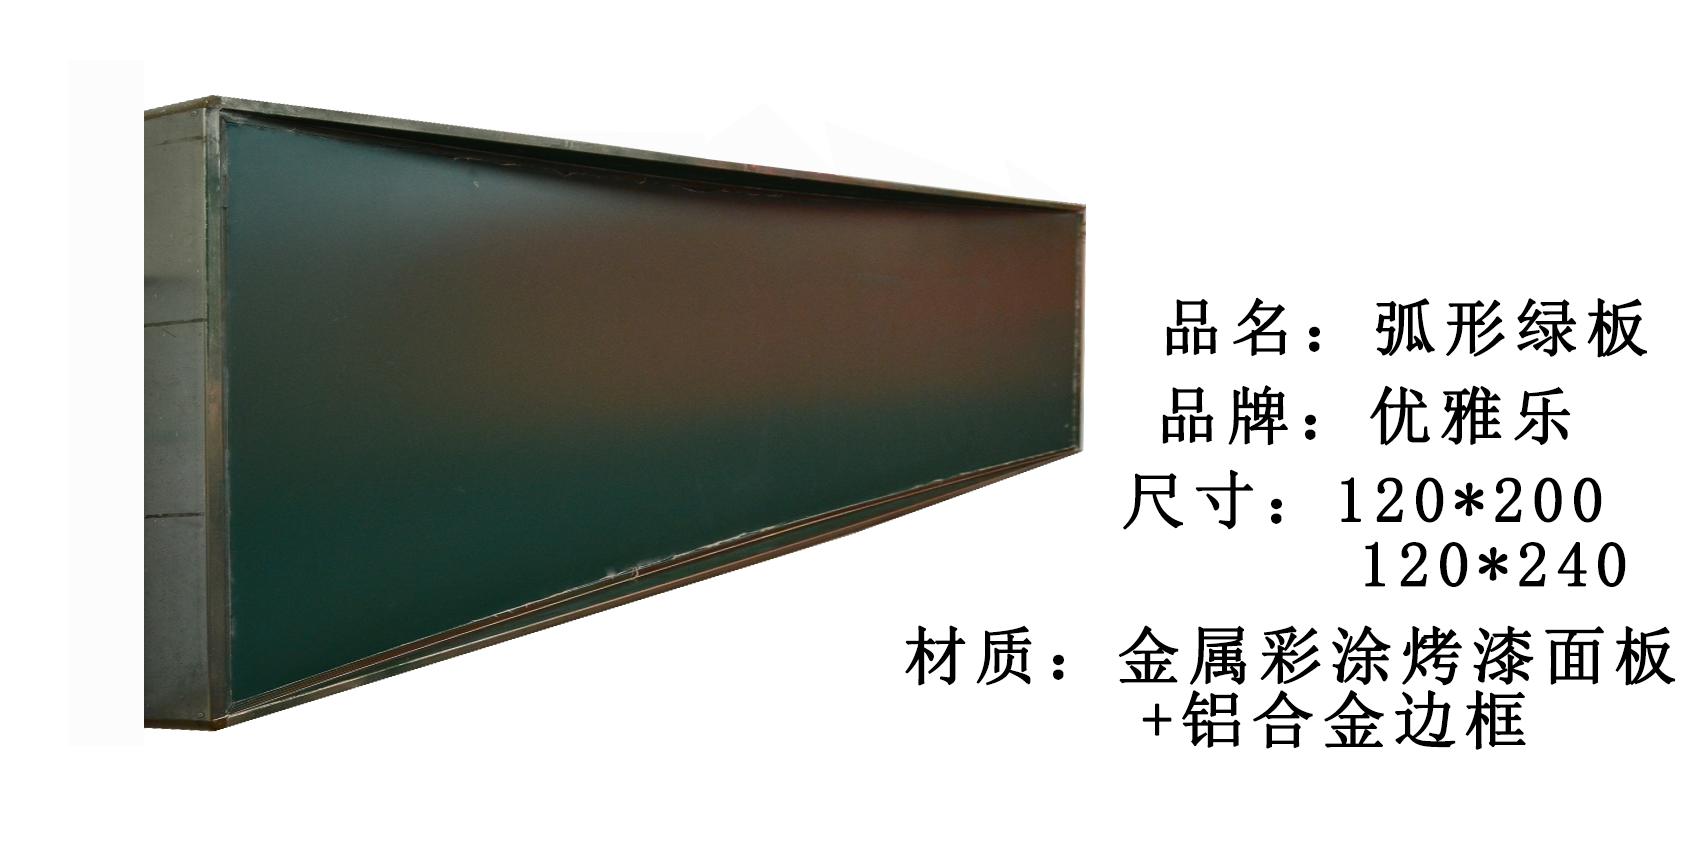 弧形烤漆绿板.png